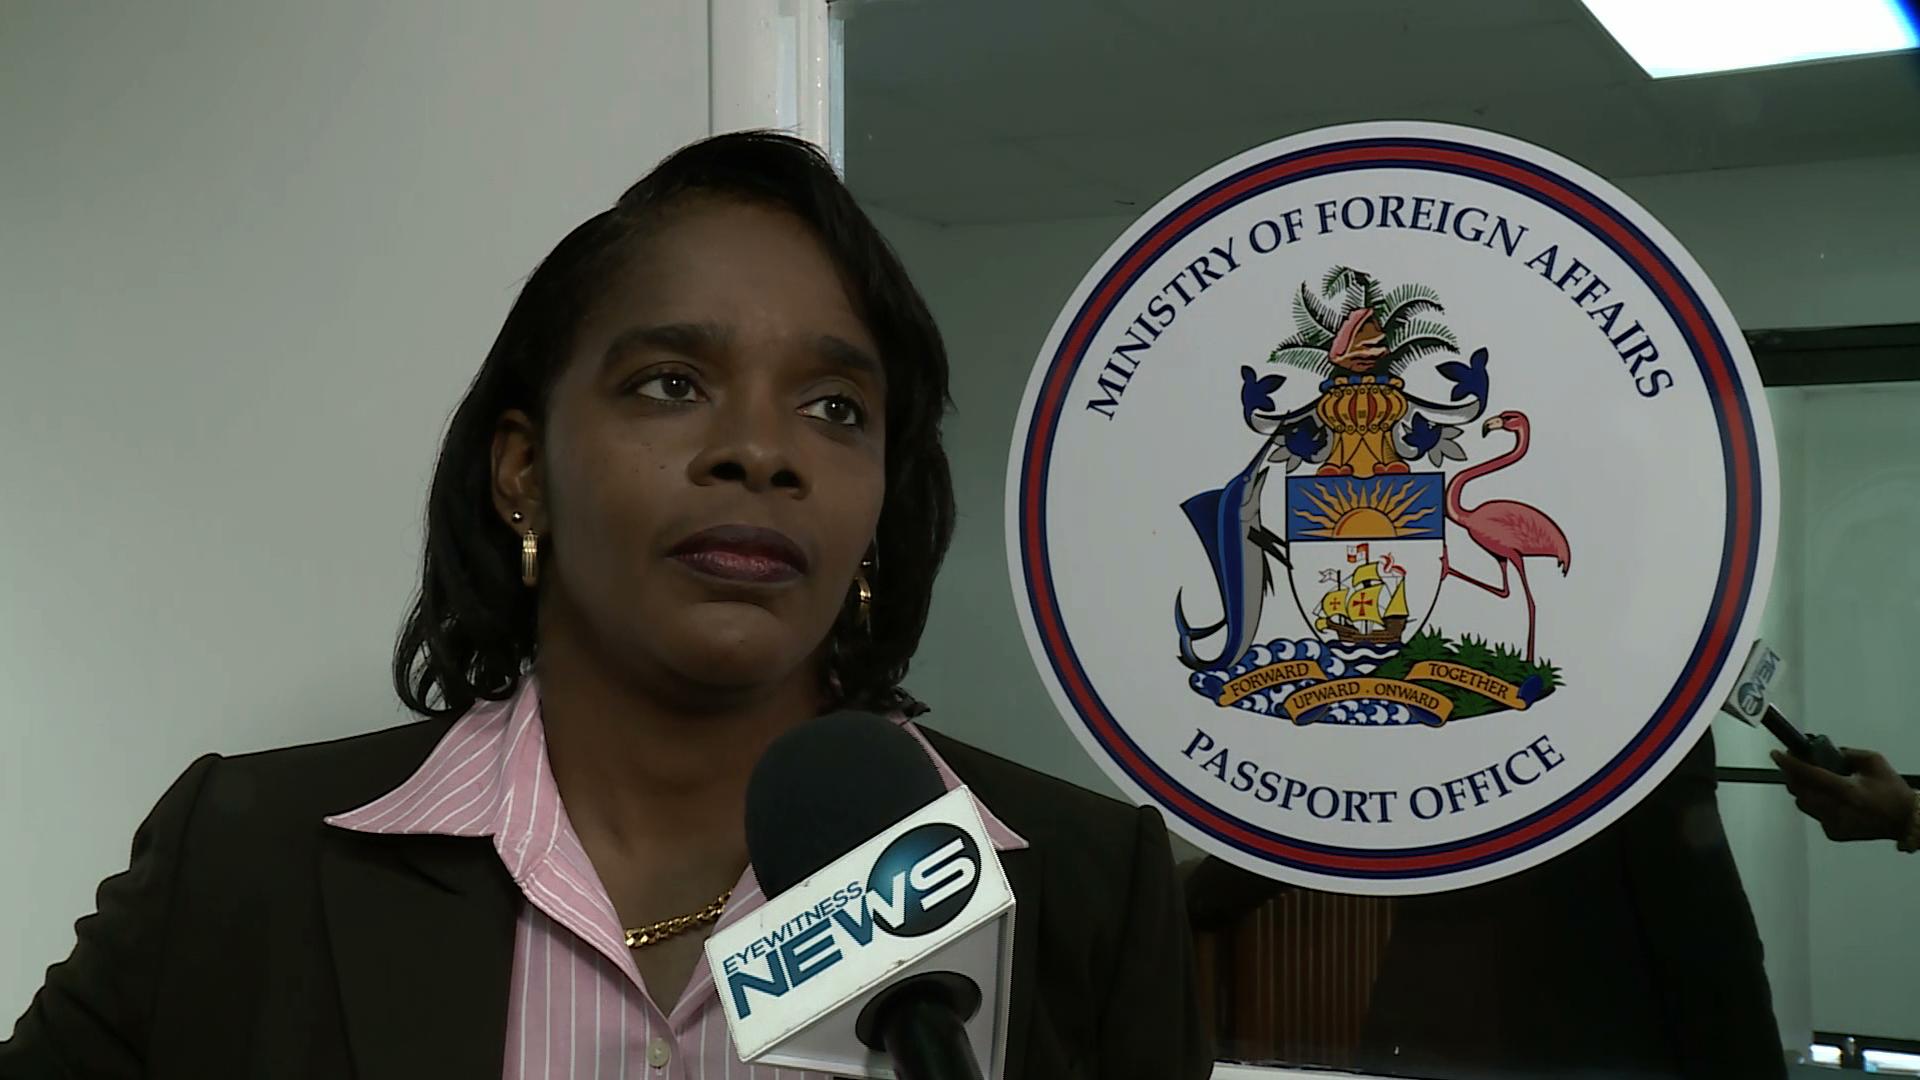 Passport officedenies 'bogus' storage fee claim